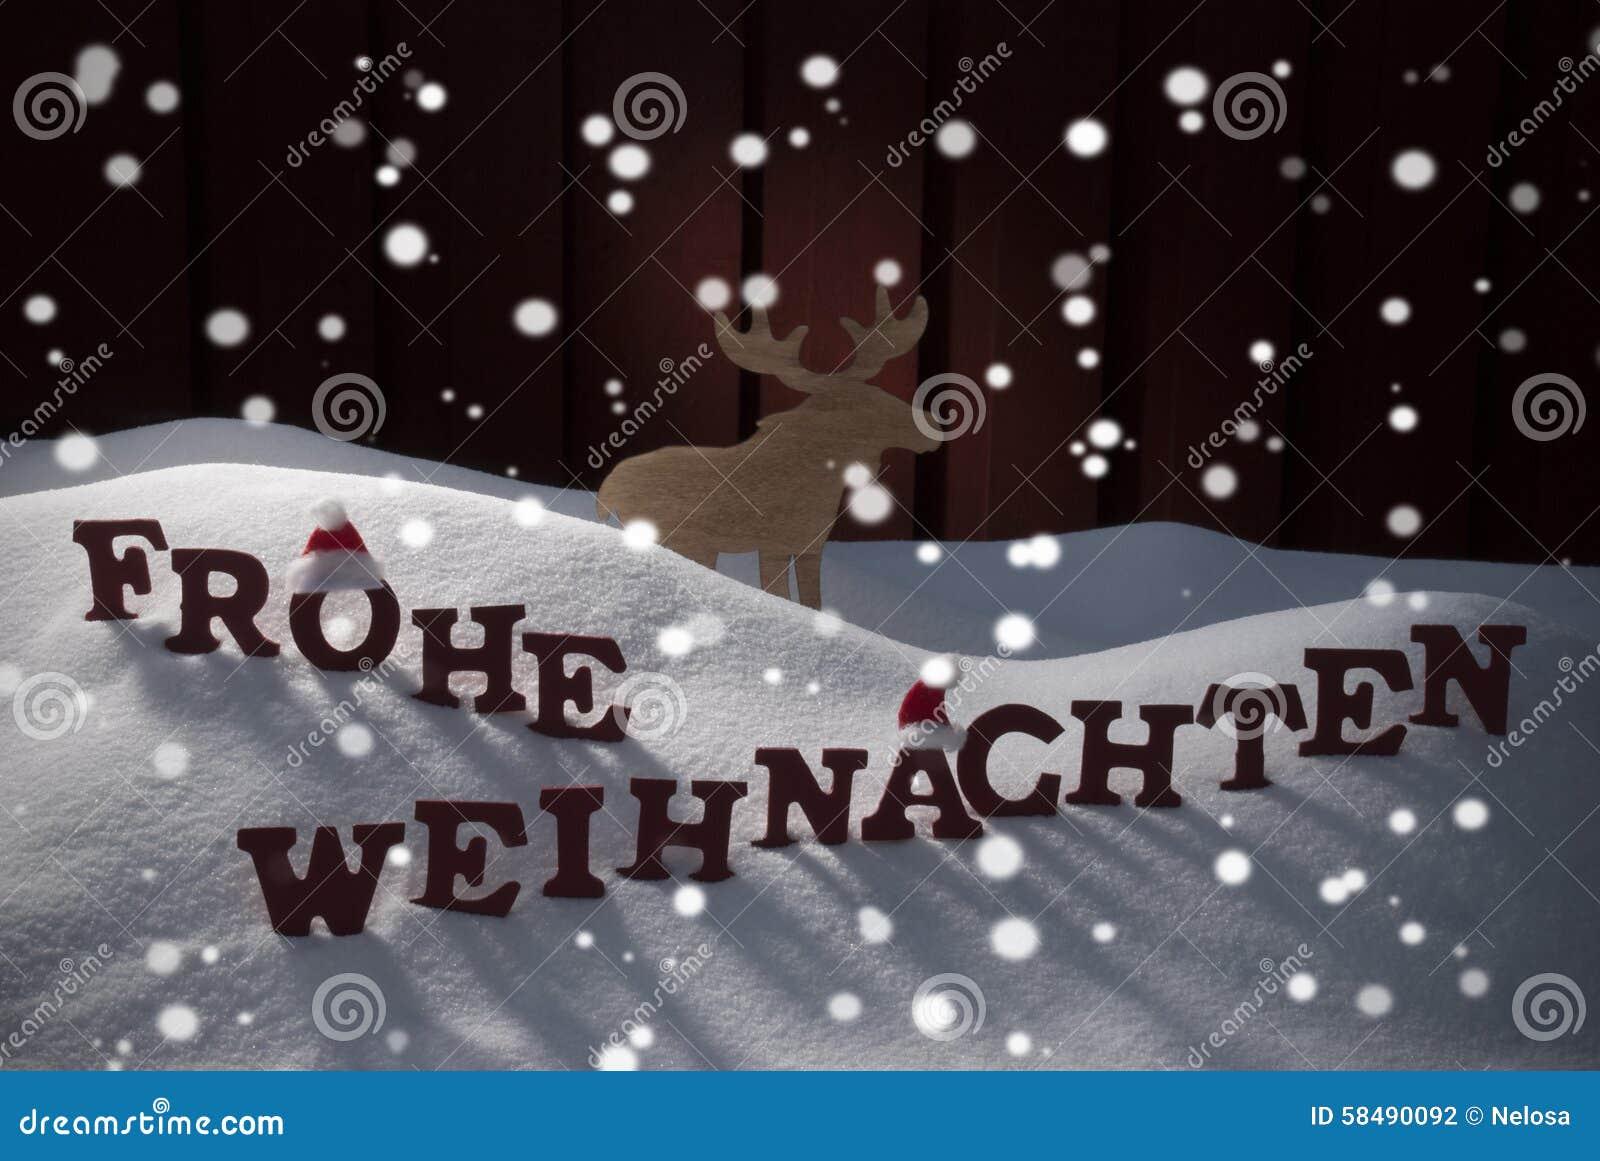 frohe weihnachten bedeutet frohe weihnacht elche stockfoto. Black Bedroom Furniture Sets. Home Design Ideas